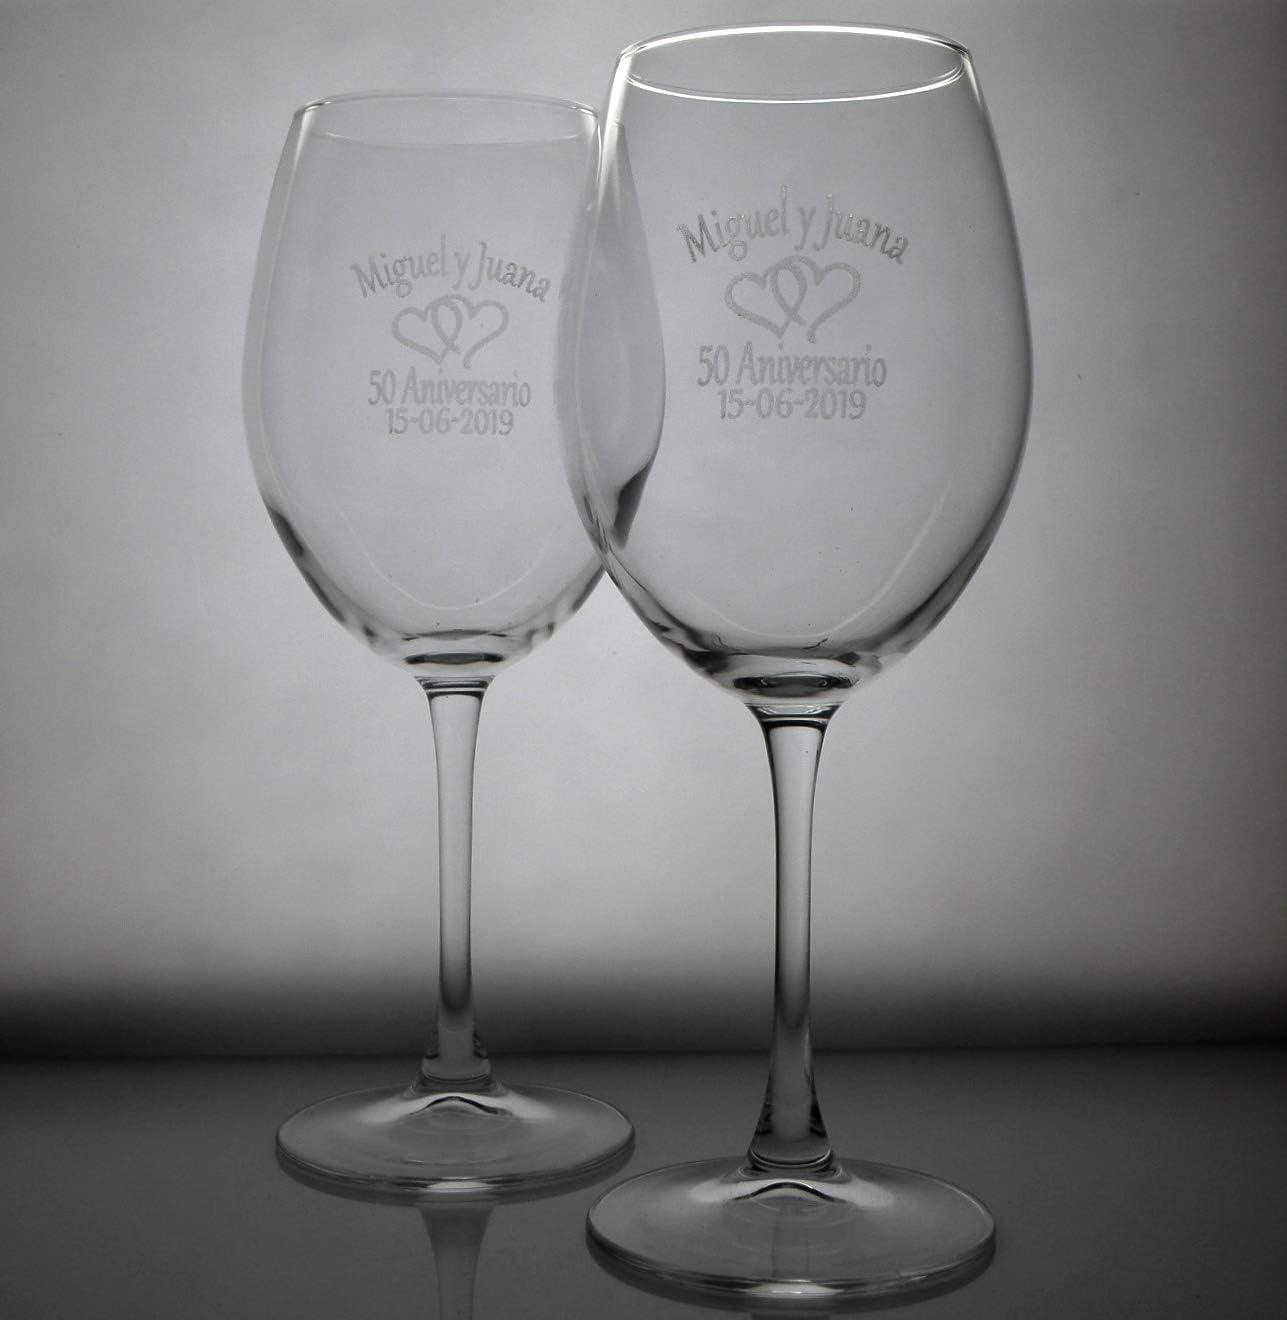 Arte-Deco Copas de Vino grabadas y Personalizadas con el Texto o dedicatoria Que Usted desee, presentadas en Estuche para Regalo.